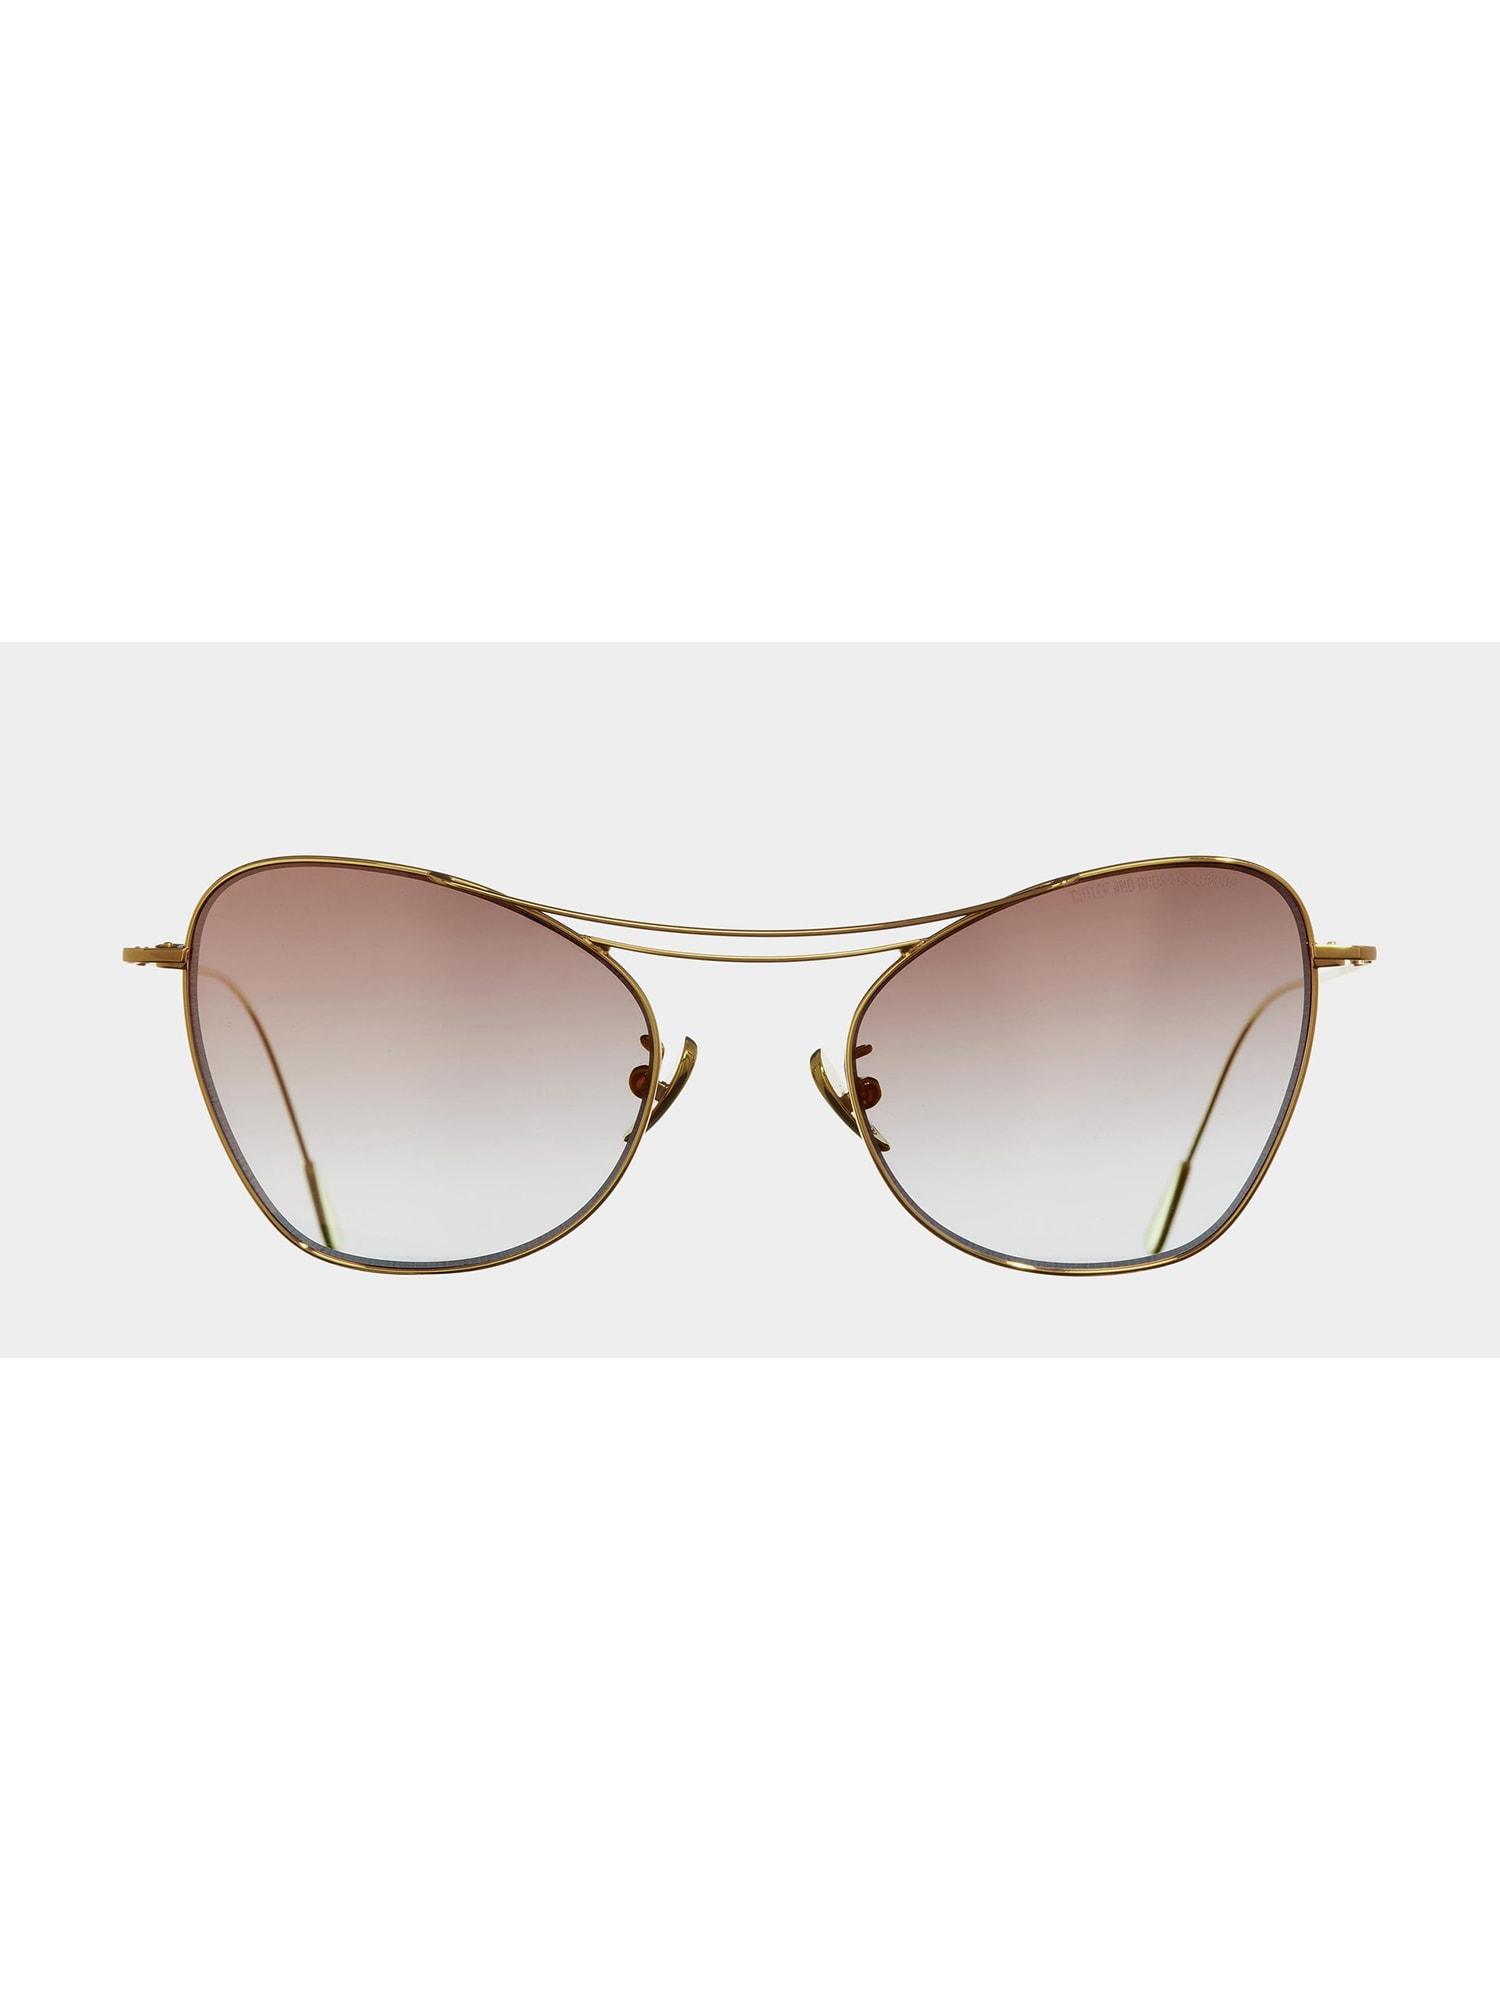 Cutler and Gross 1307GPL/01 Eyewear